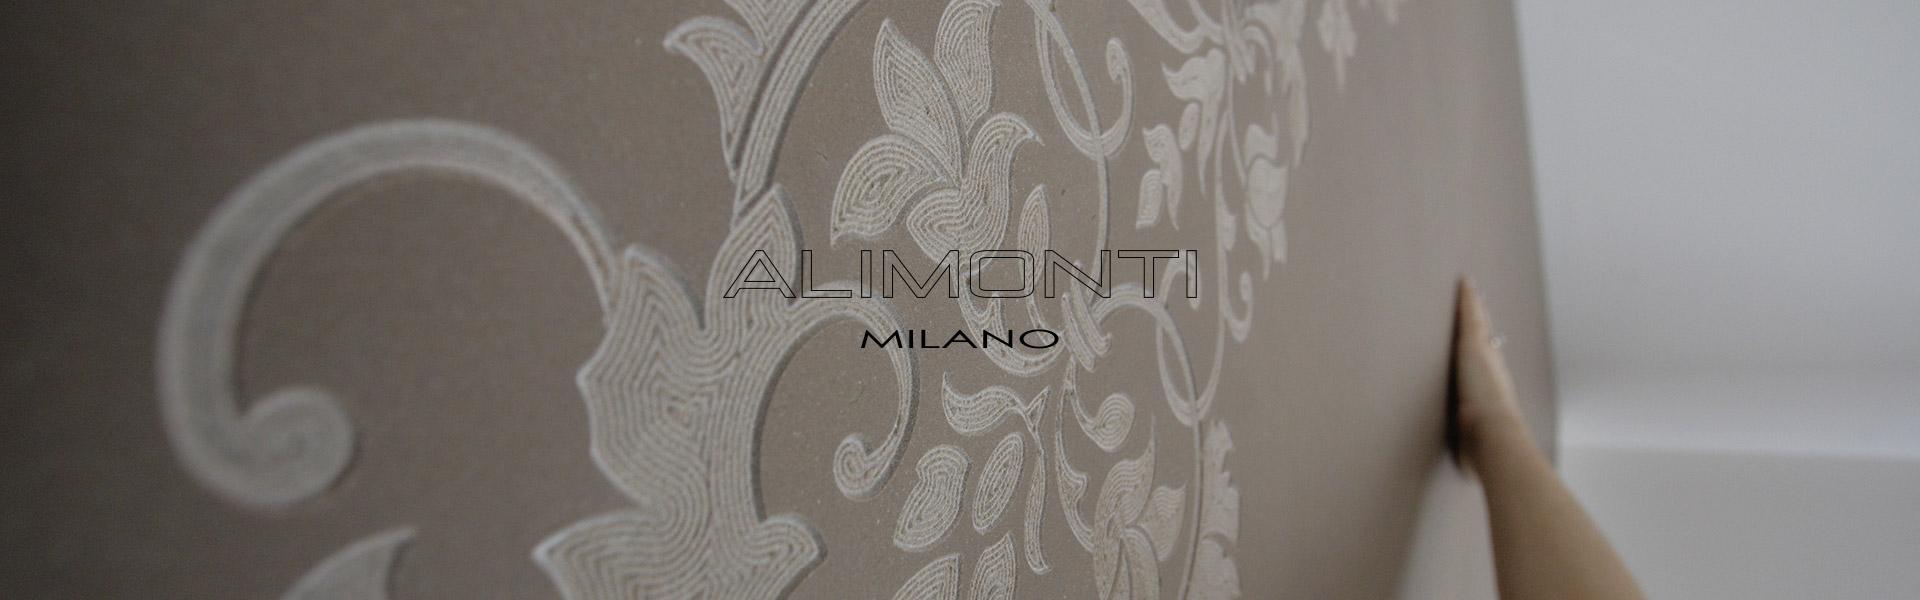 alimonti_0